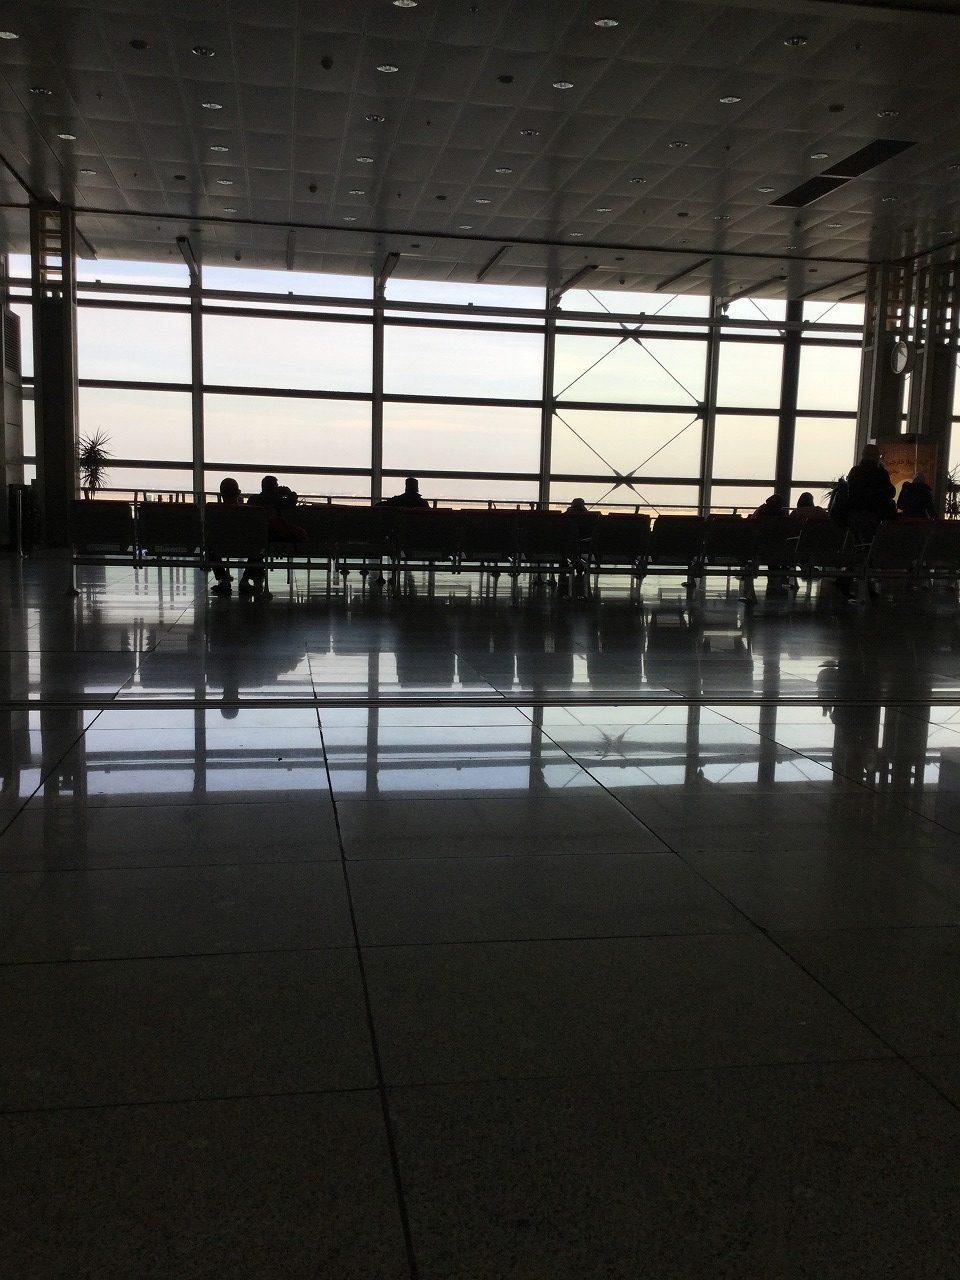 テヘラン国際空港